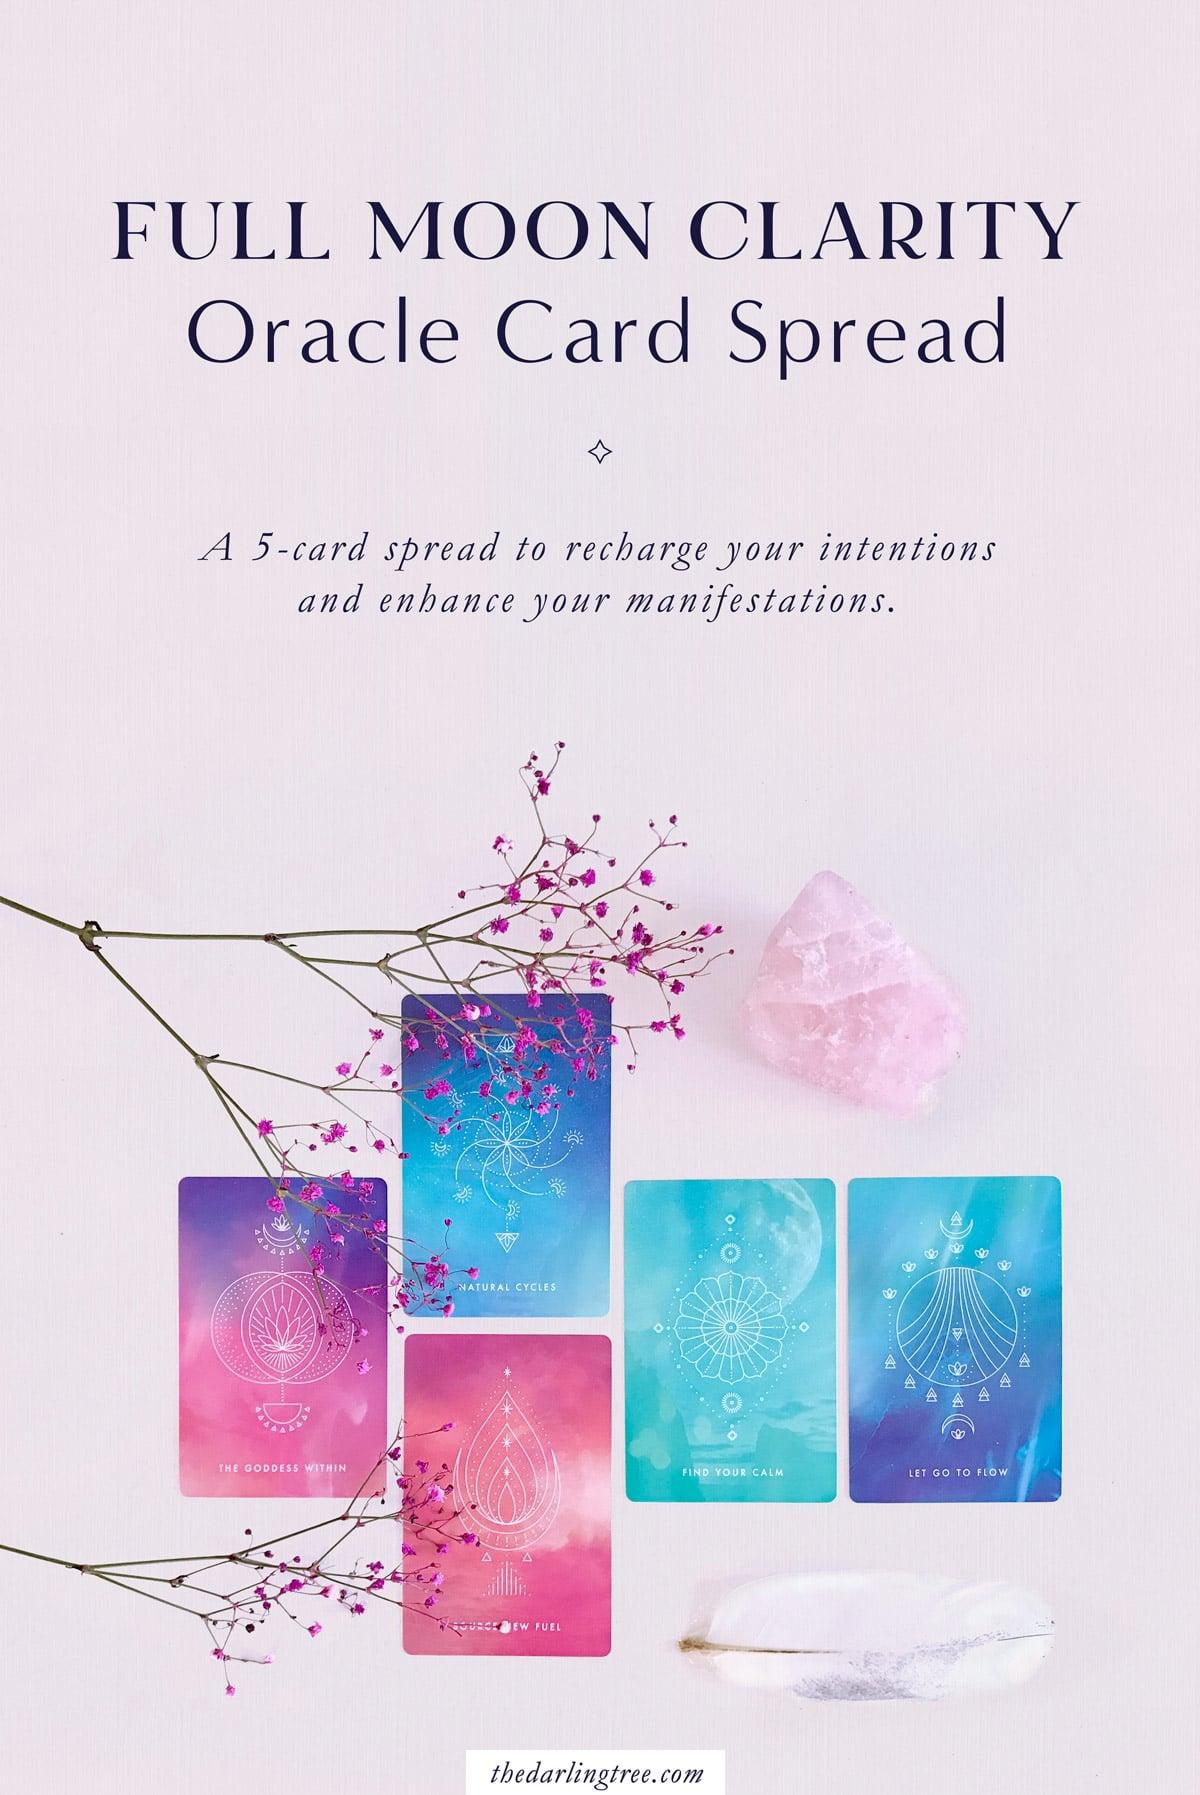 Full Moon Clarity Oracle Card Spread